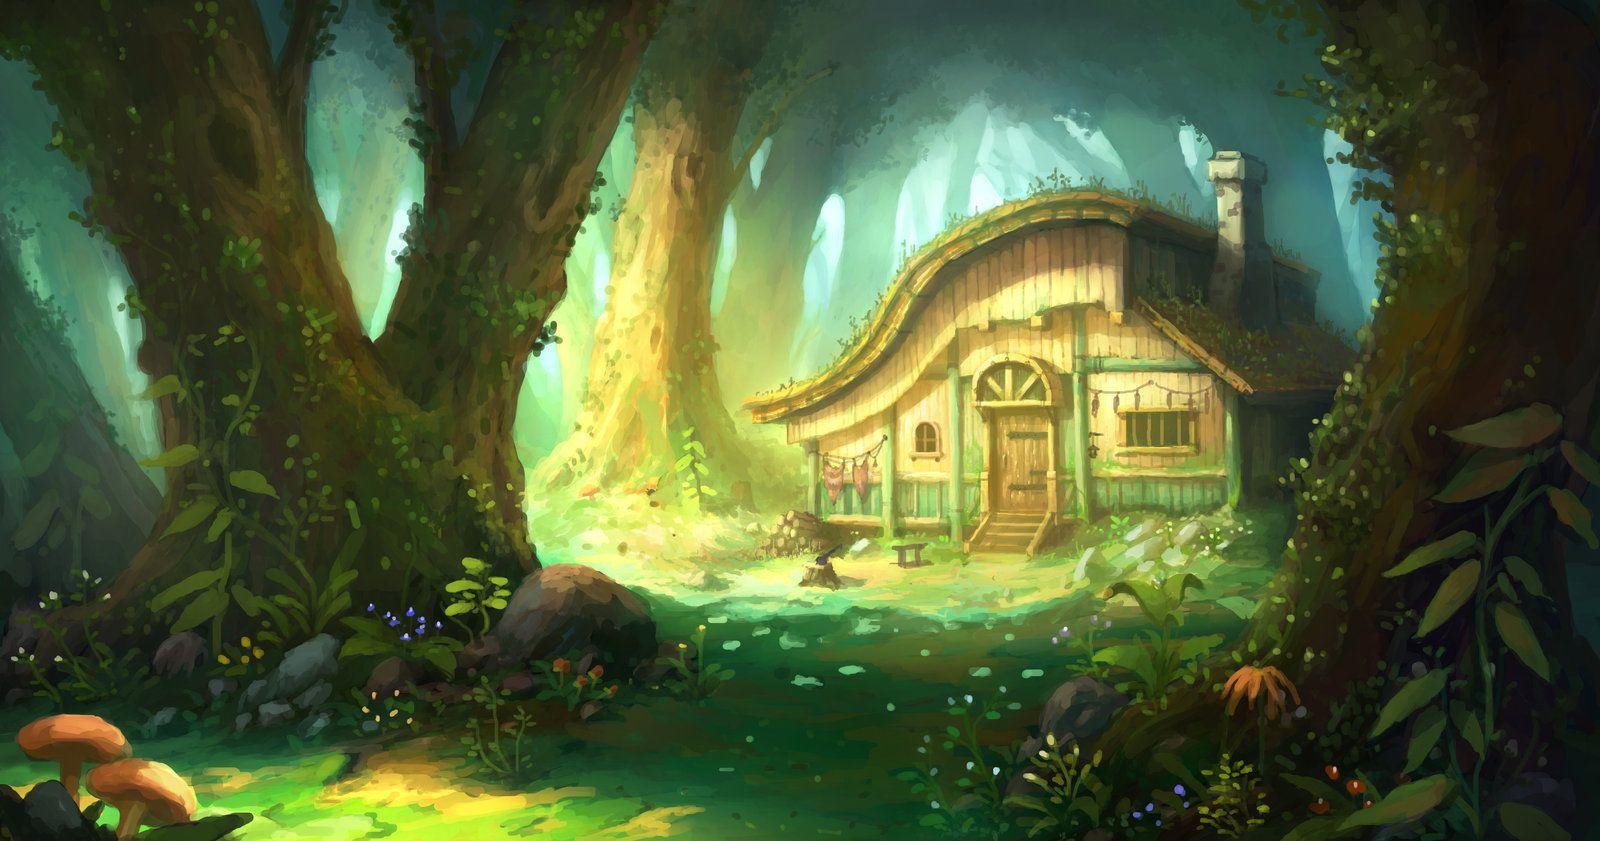 Spacer ファンタジーの城 ファンタジーな風景 ファンタジーの森